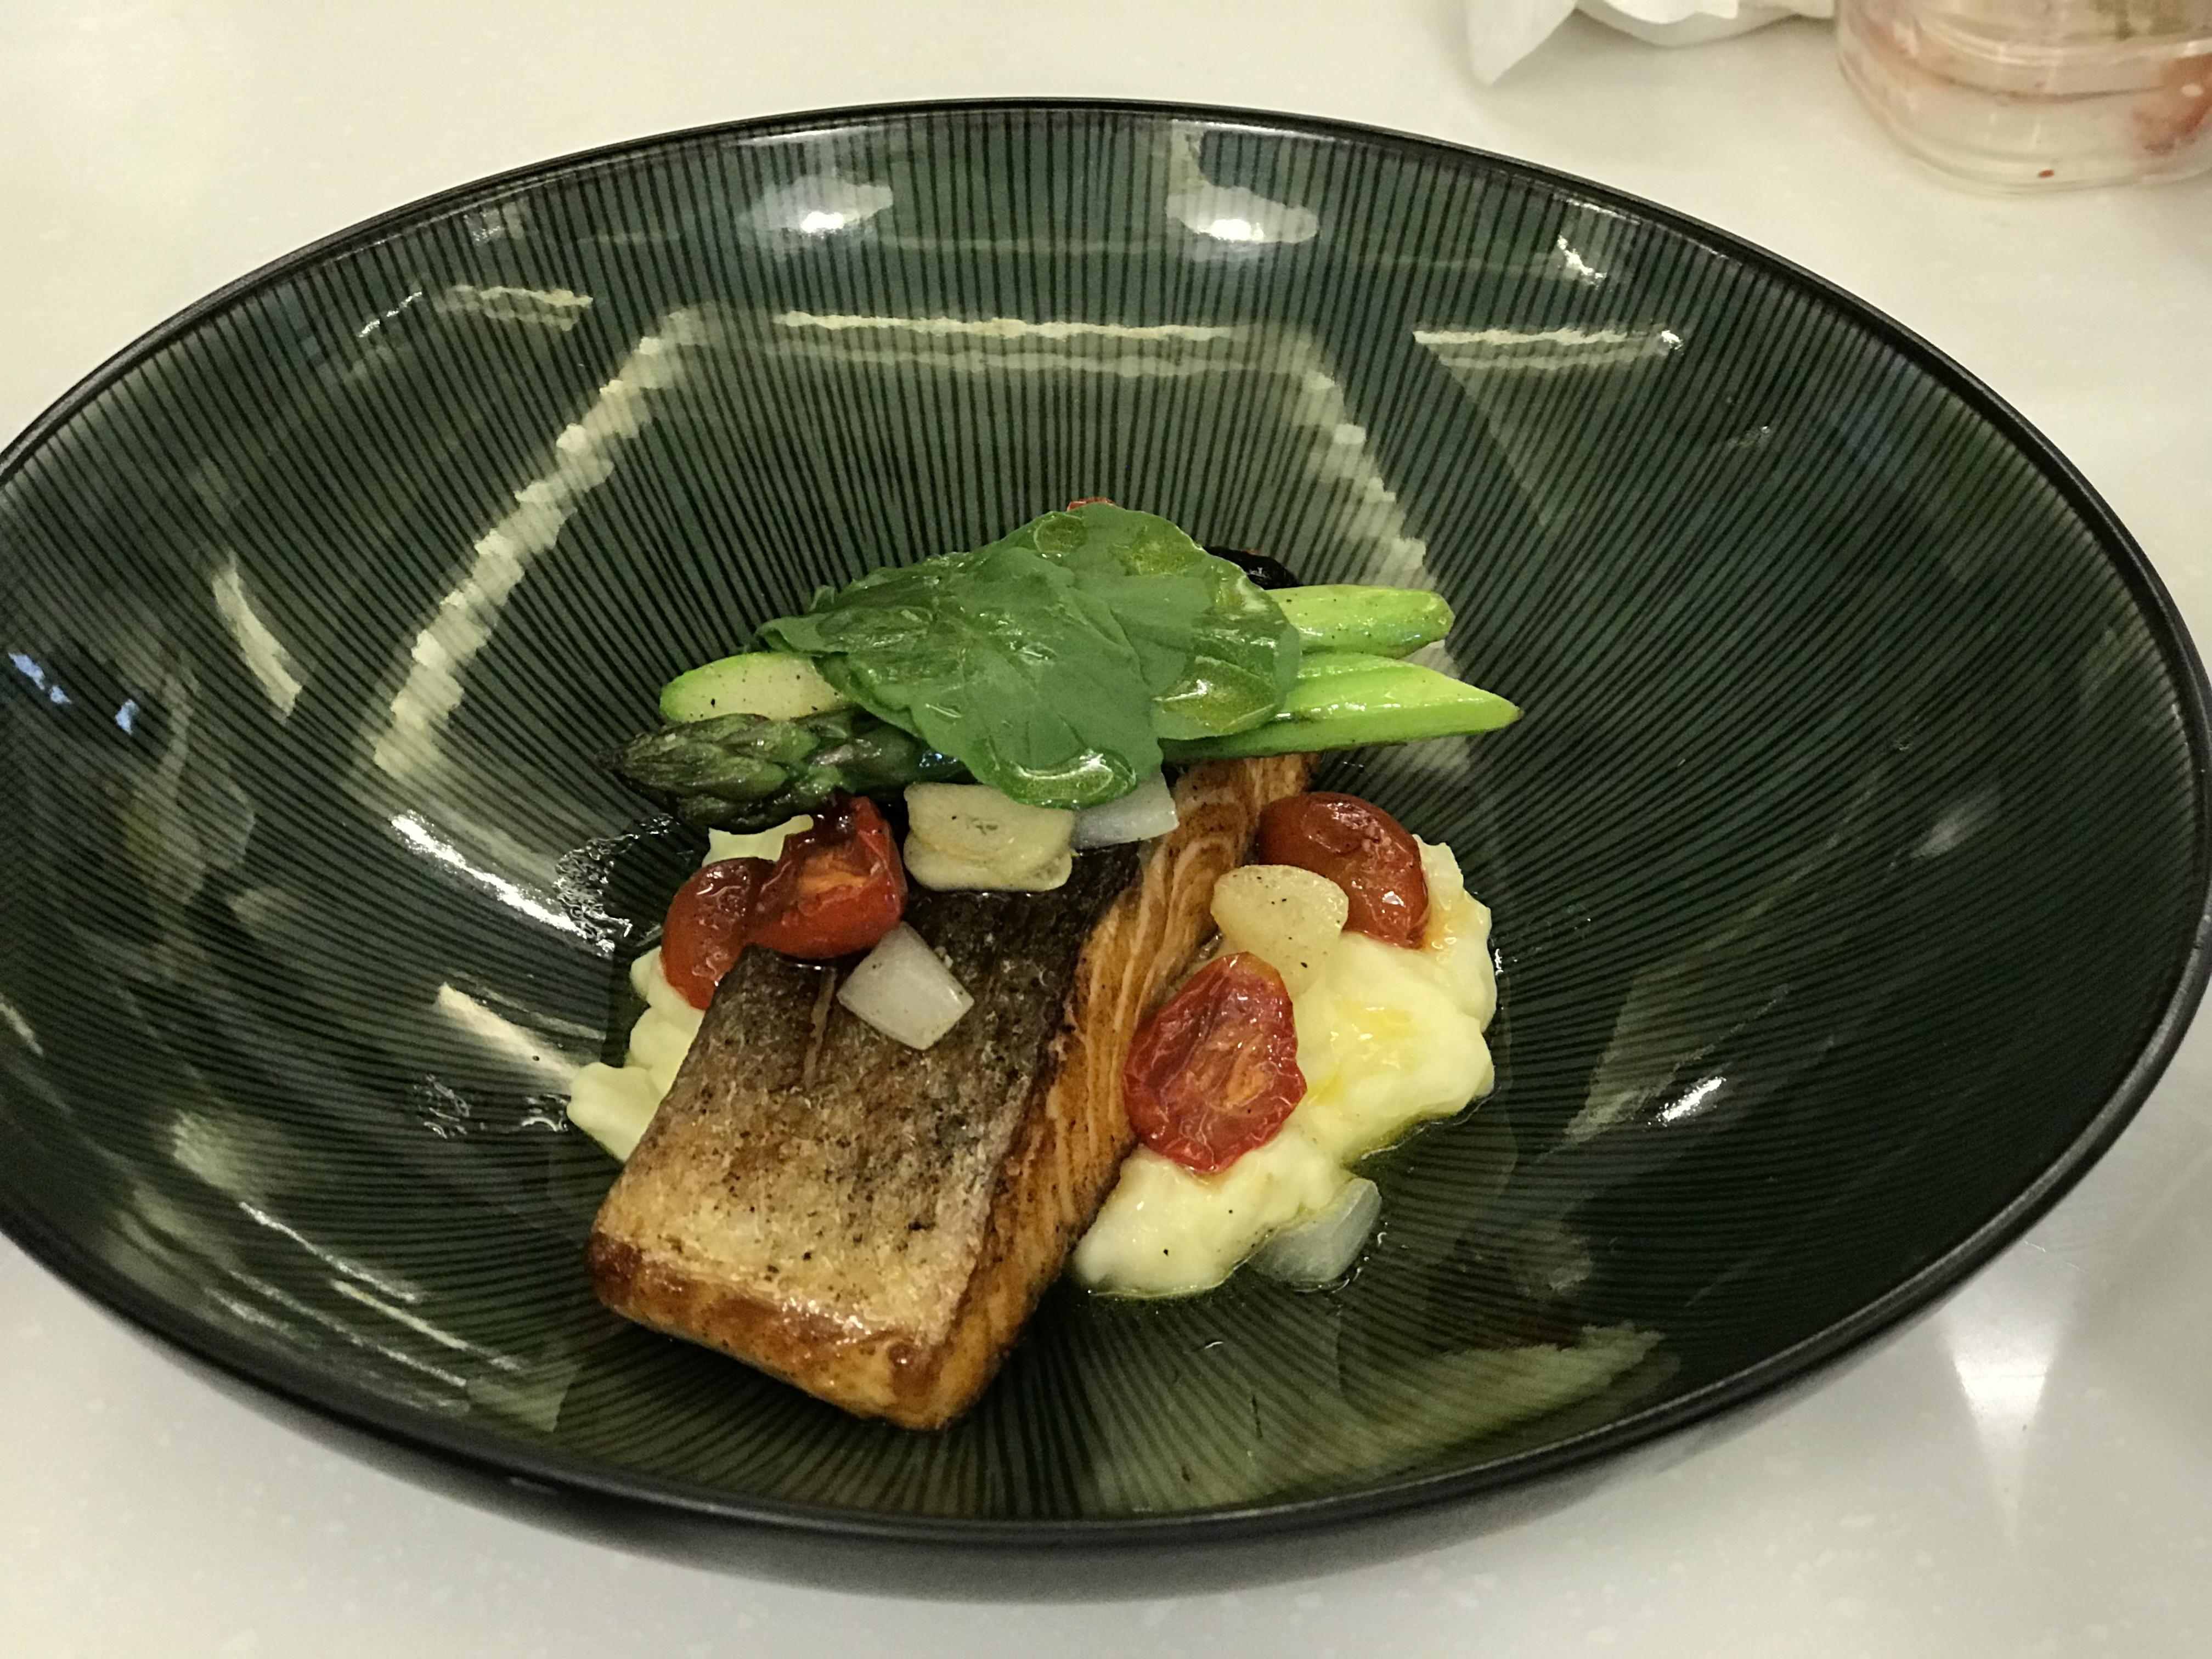 락앤락 원데이클래스 세계집밥-프렌치코스요리